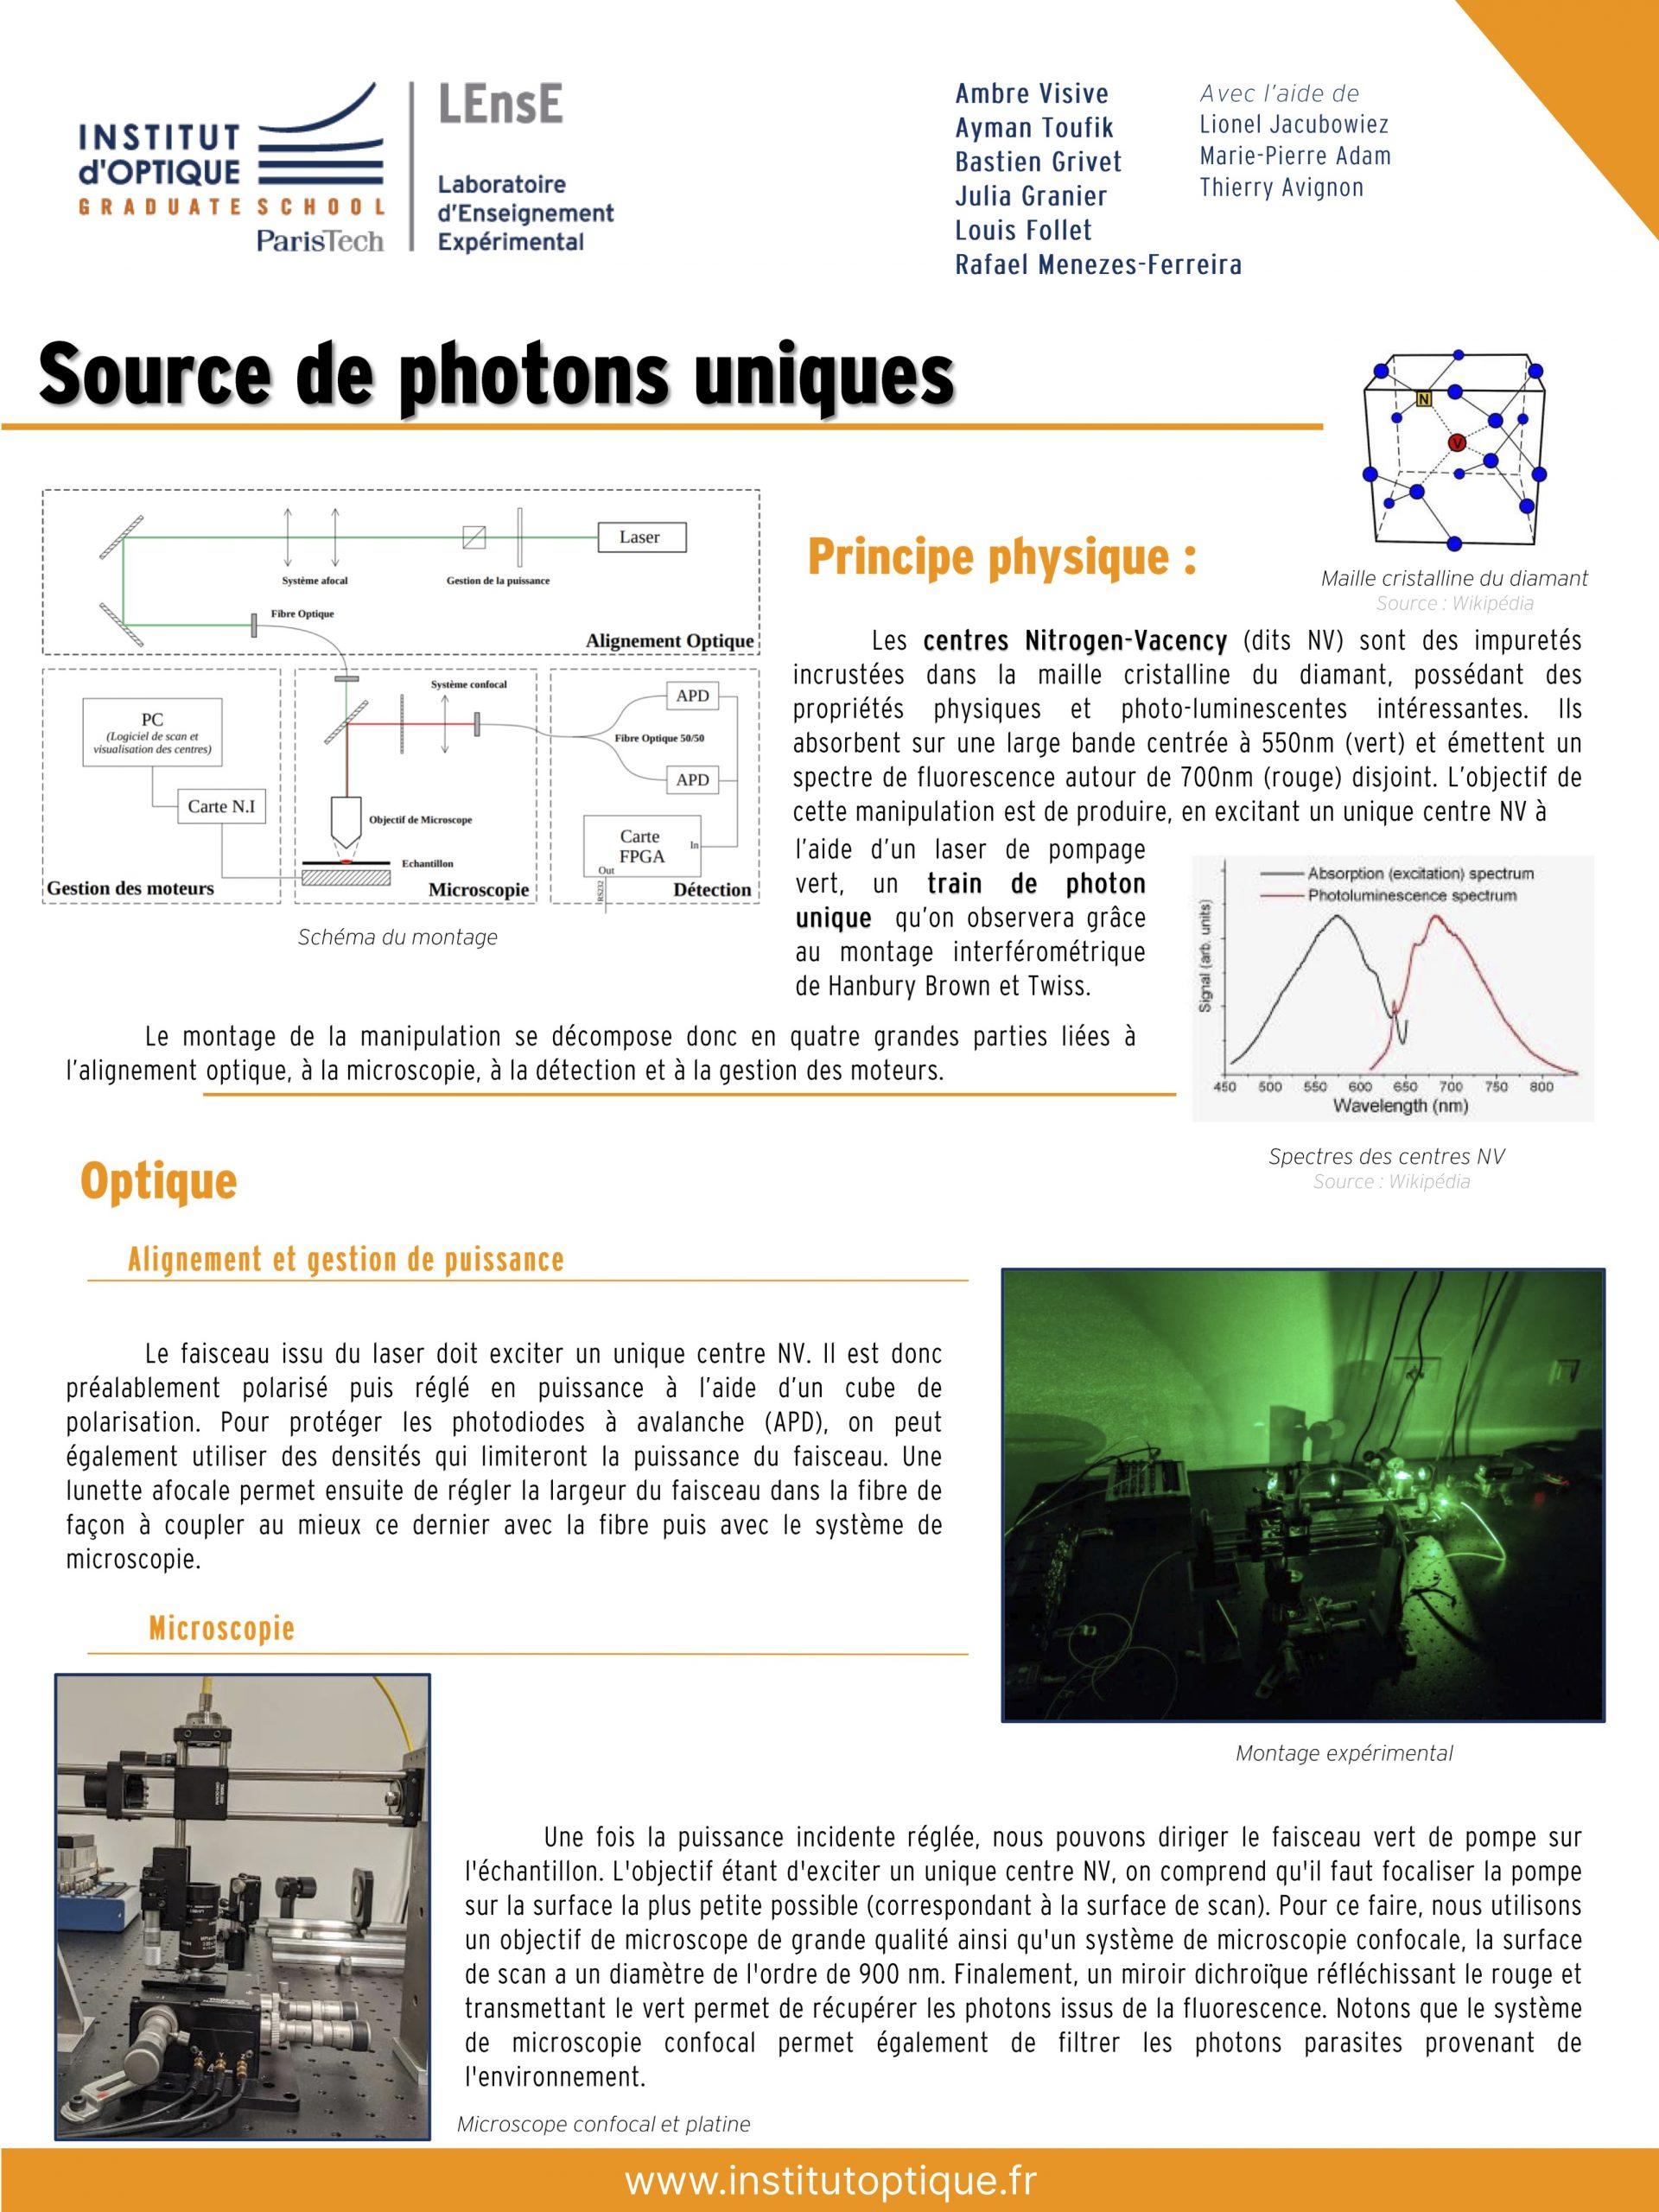 PIMS 2021 • Centres NV du diamant • Posters